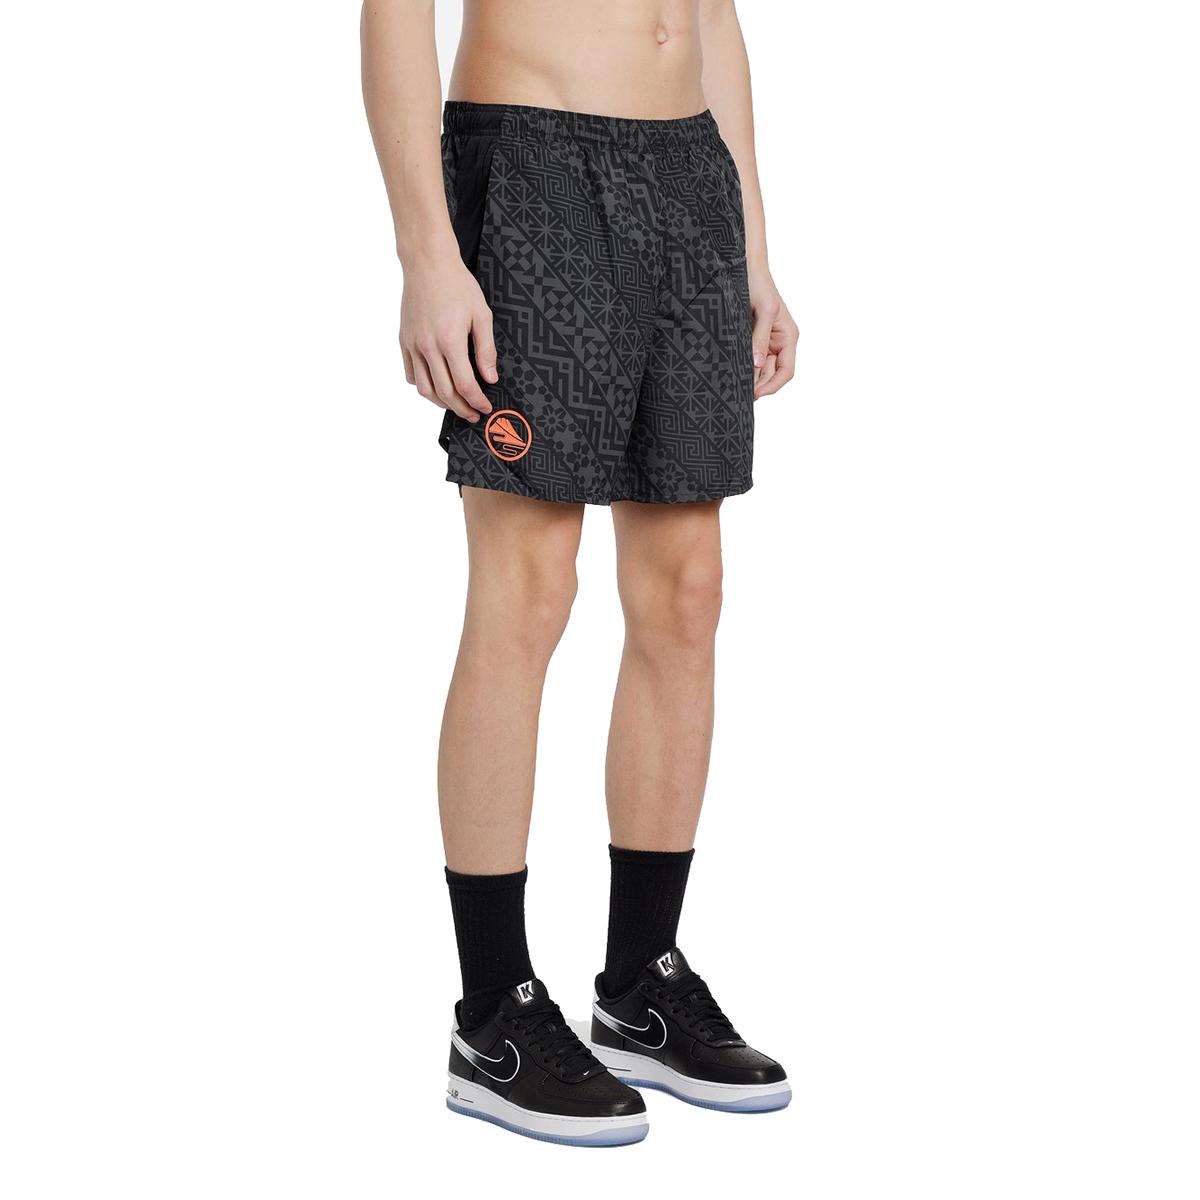 Men's Nike Challenger 7 Inch Short - Color: Black - Size: S, Black, large, image 1